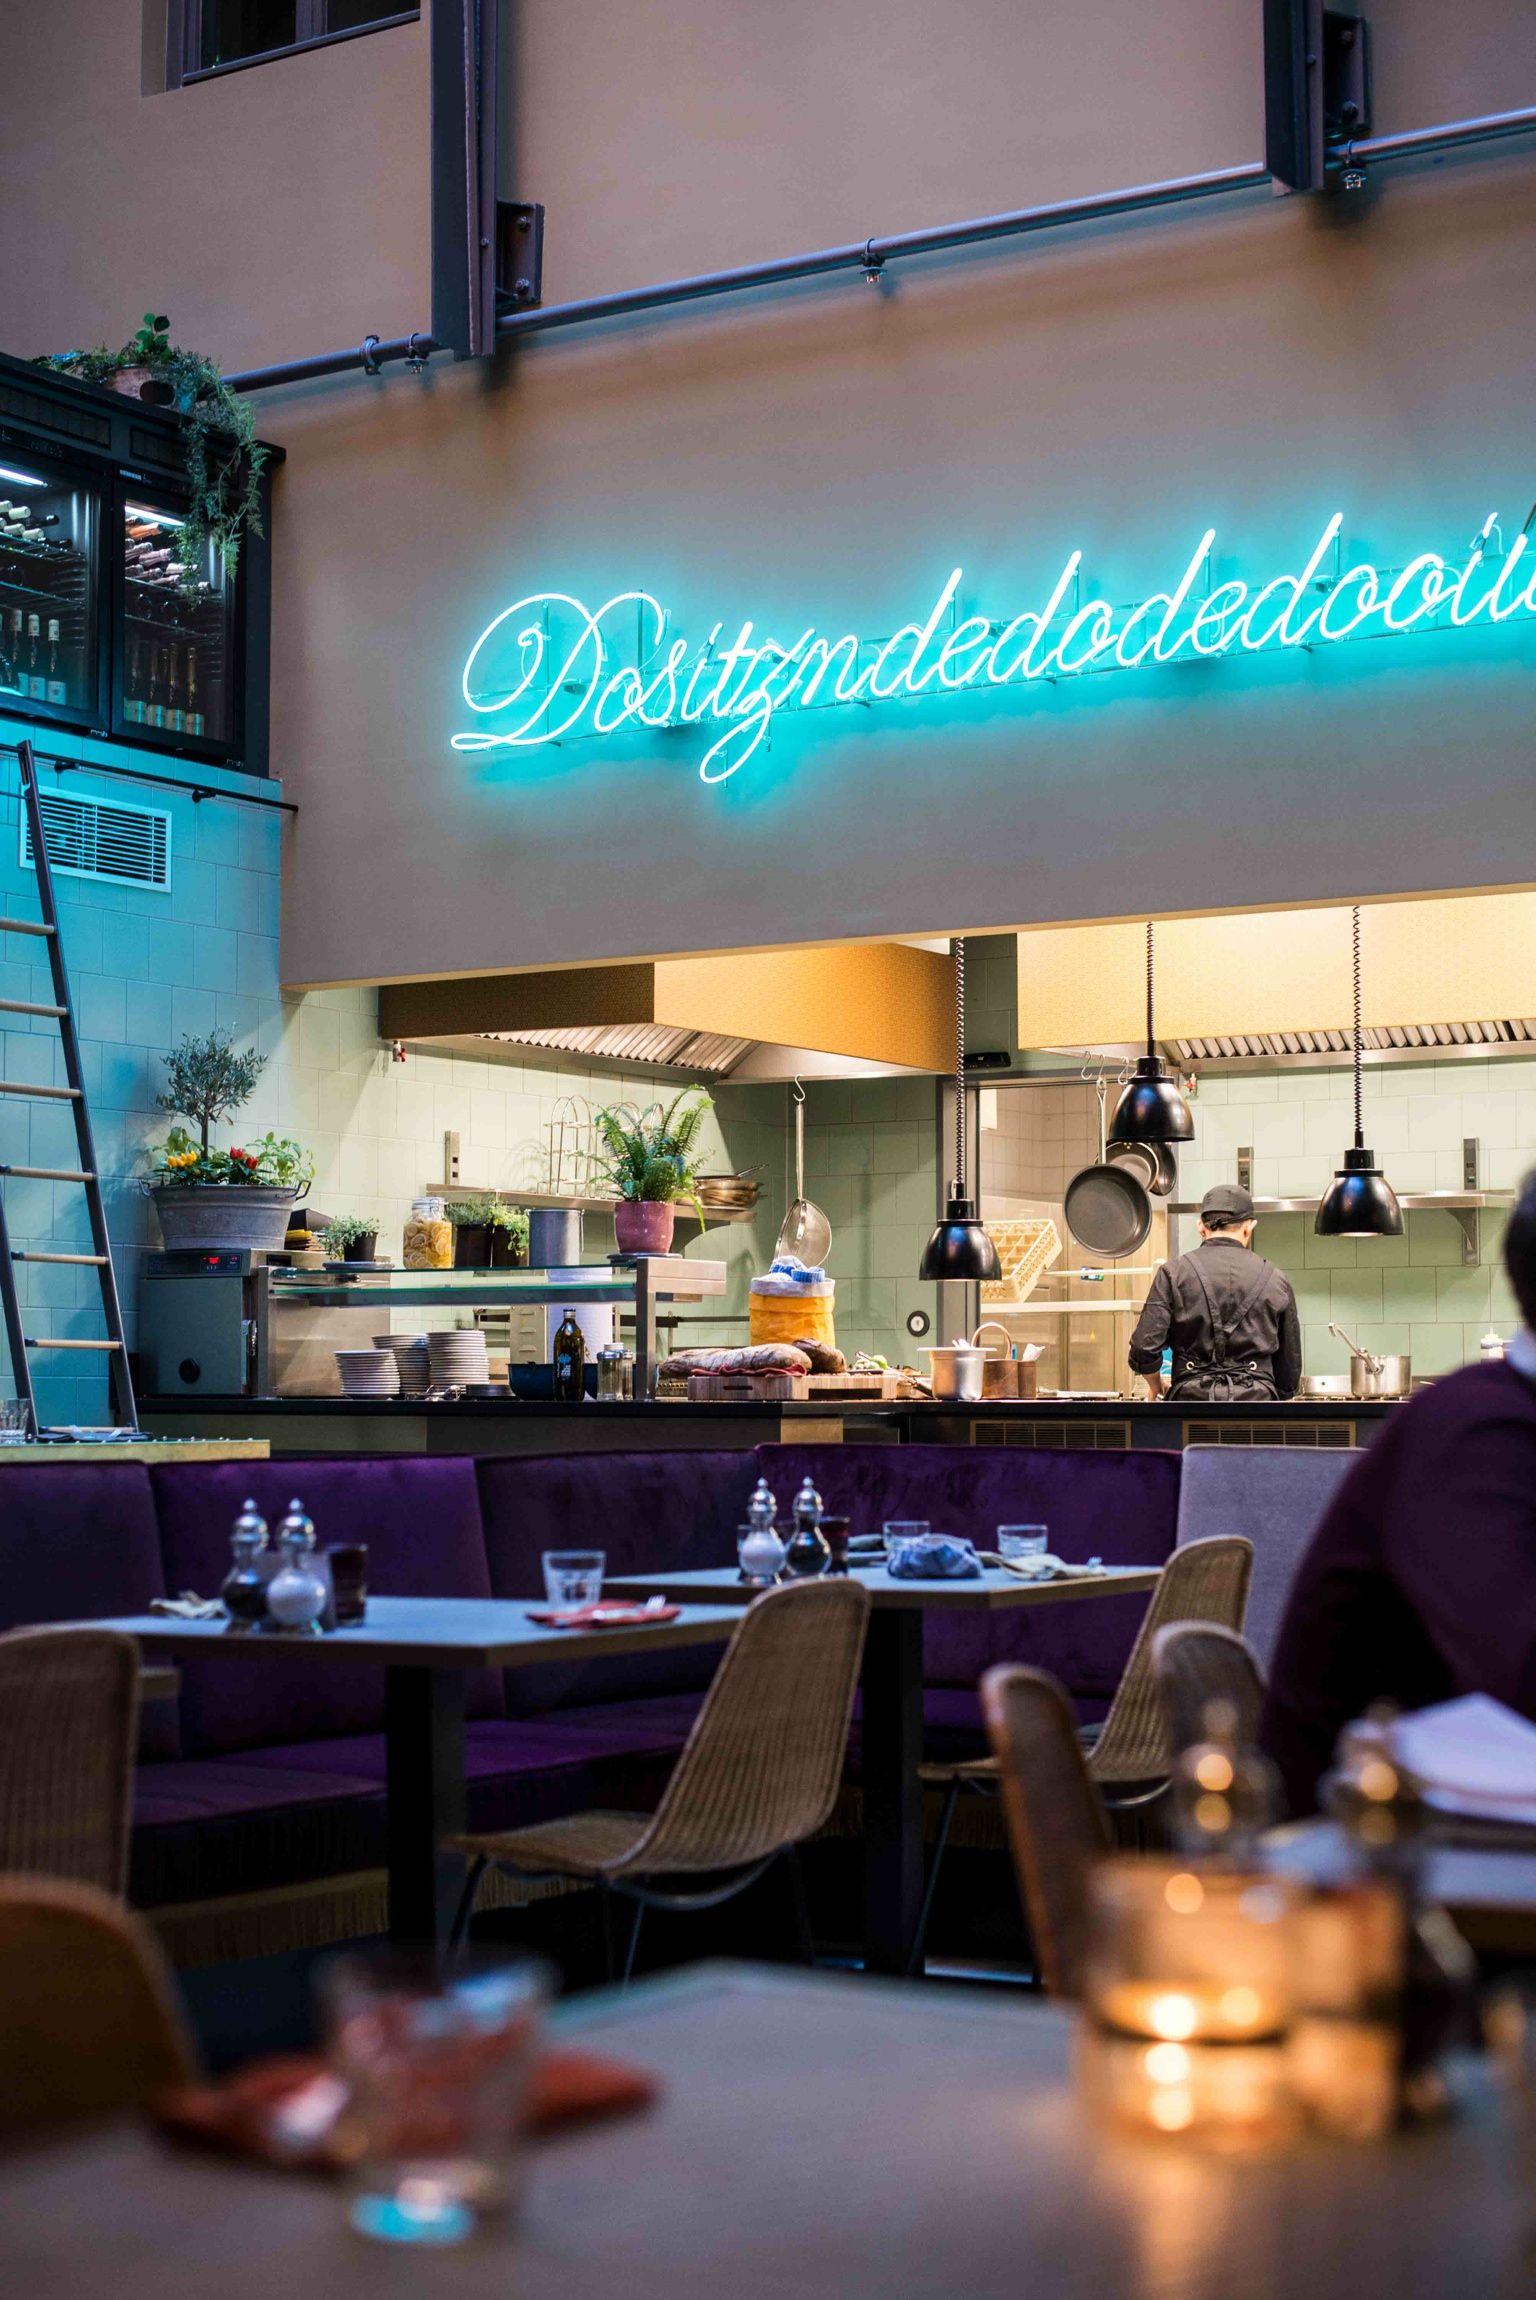 Orientalische Küche – das Neni im 25hours München ...